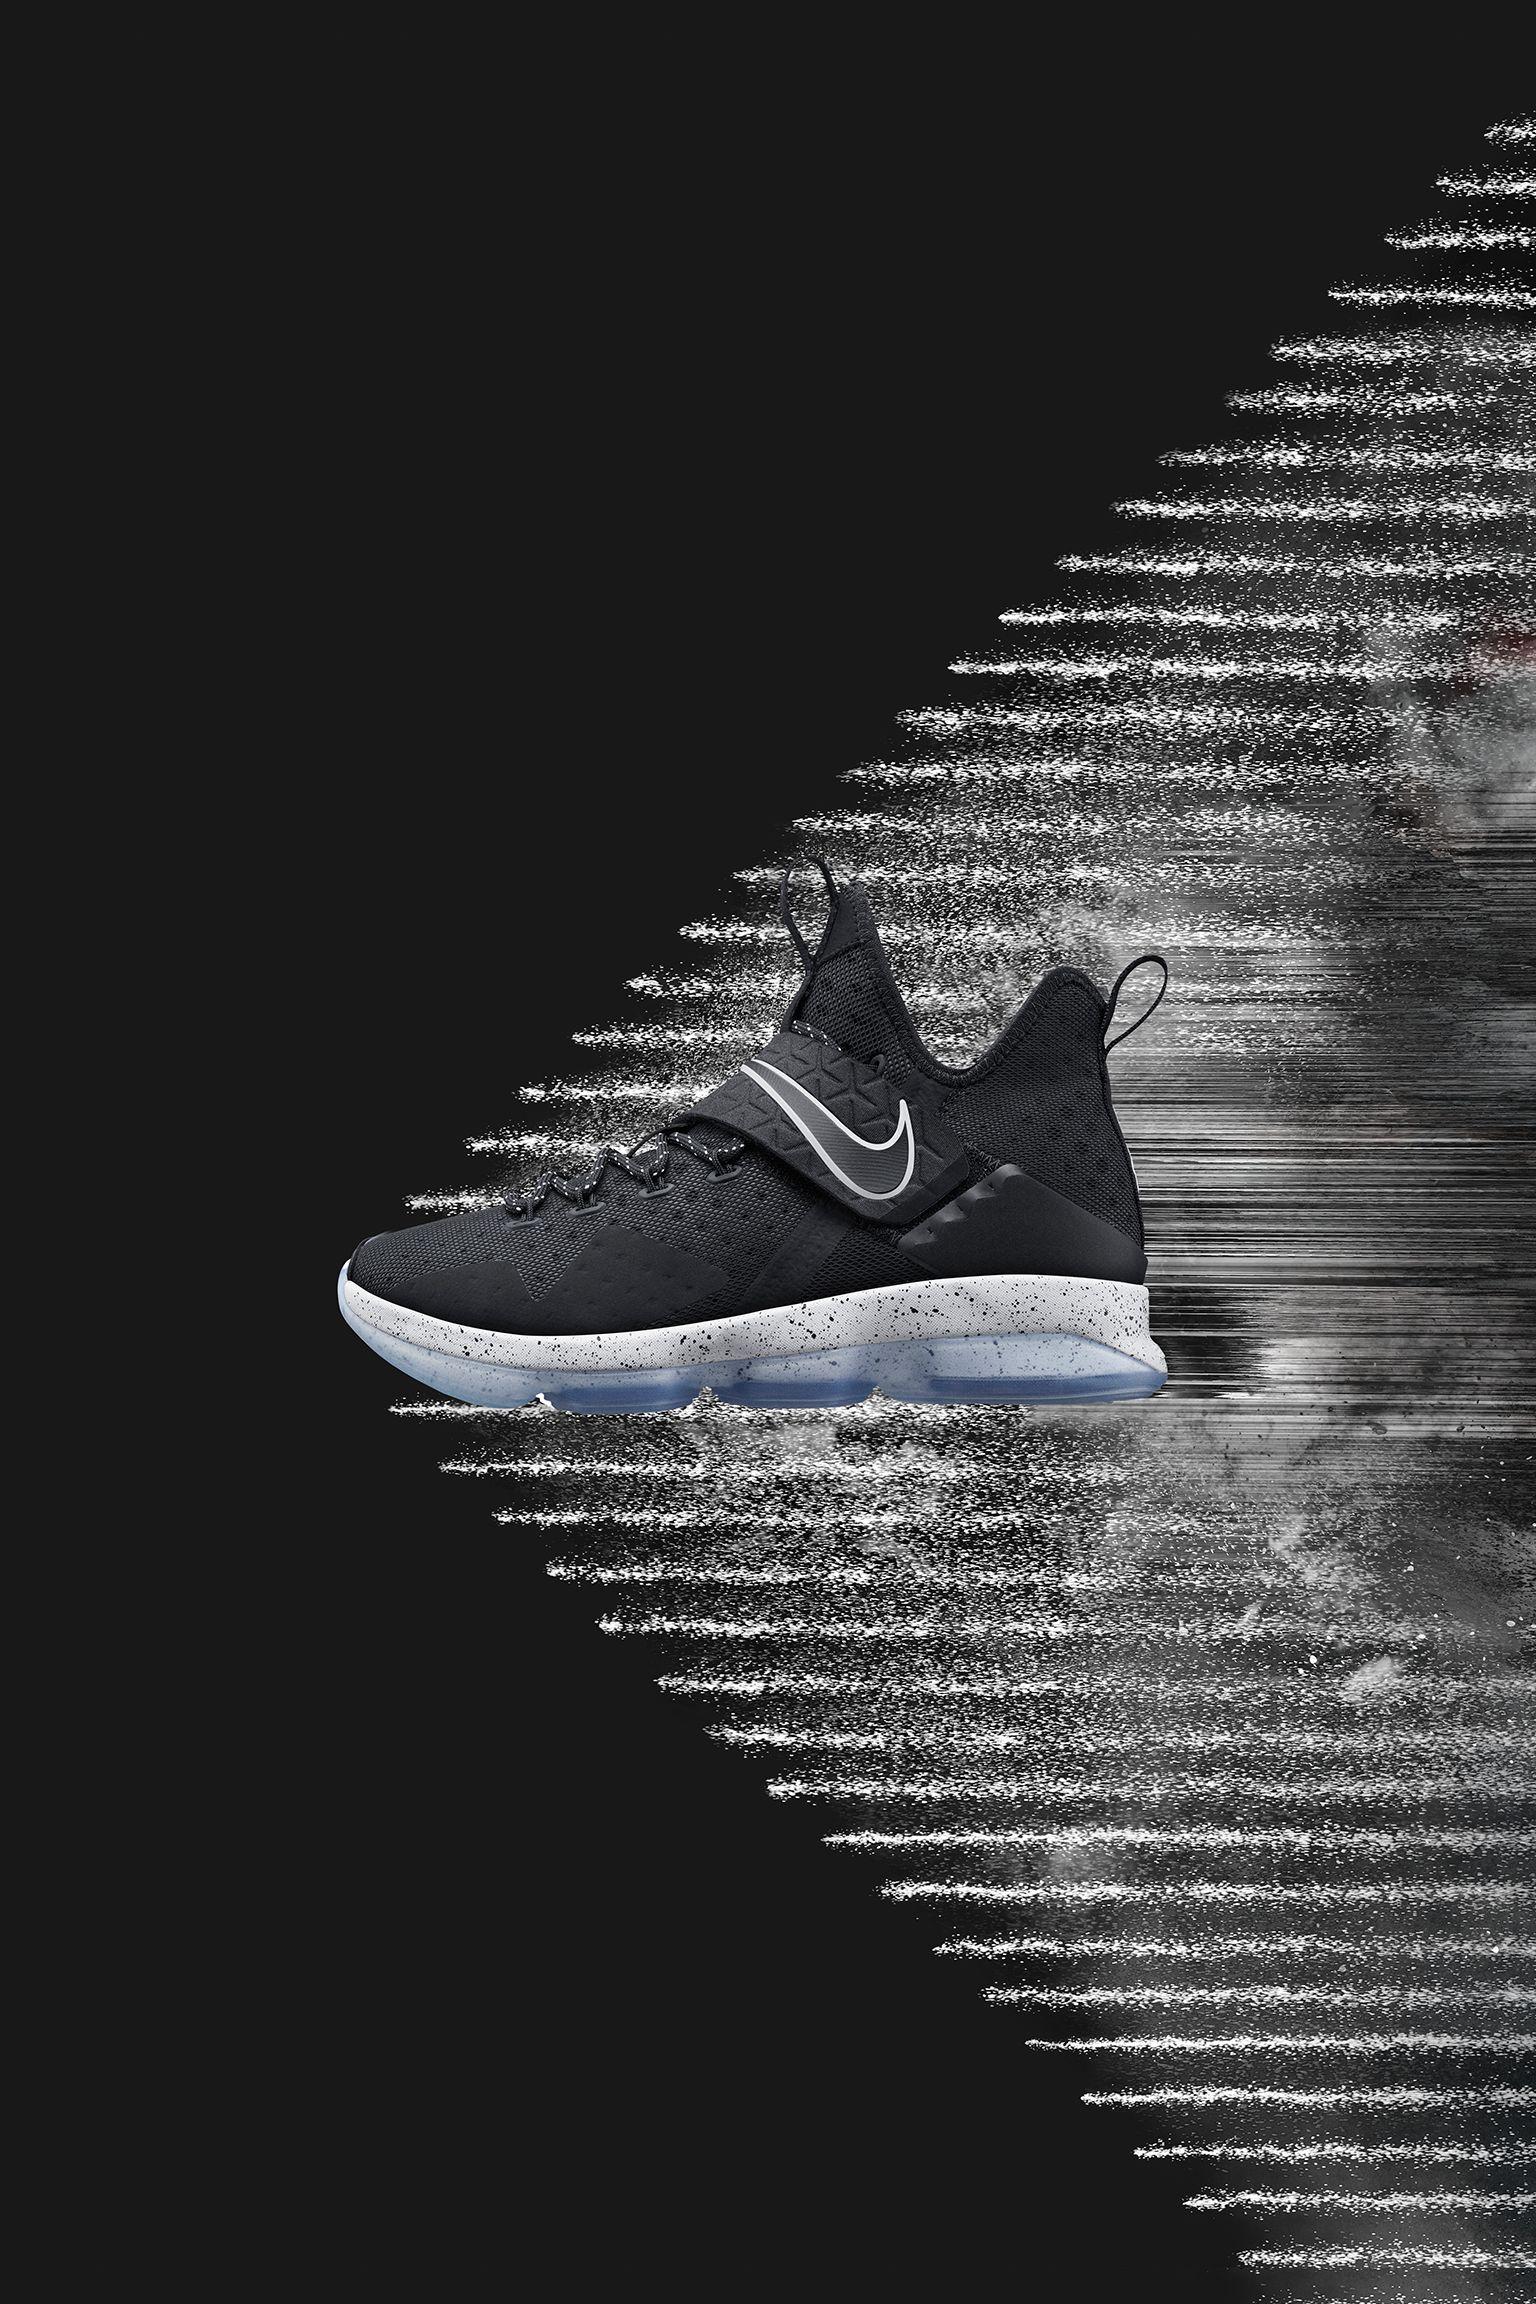 Nike LeBron 14 'Black & Ice'